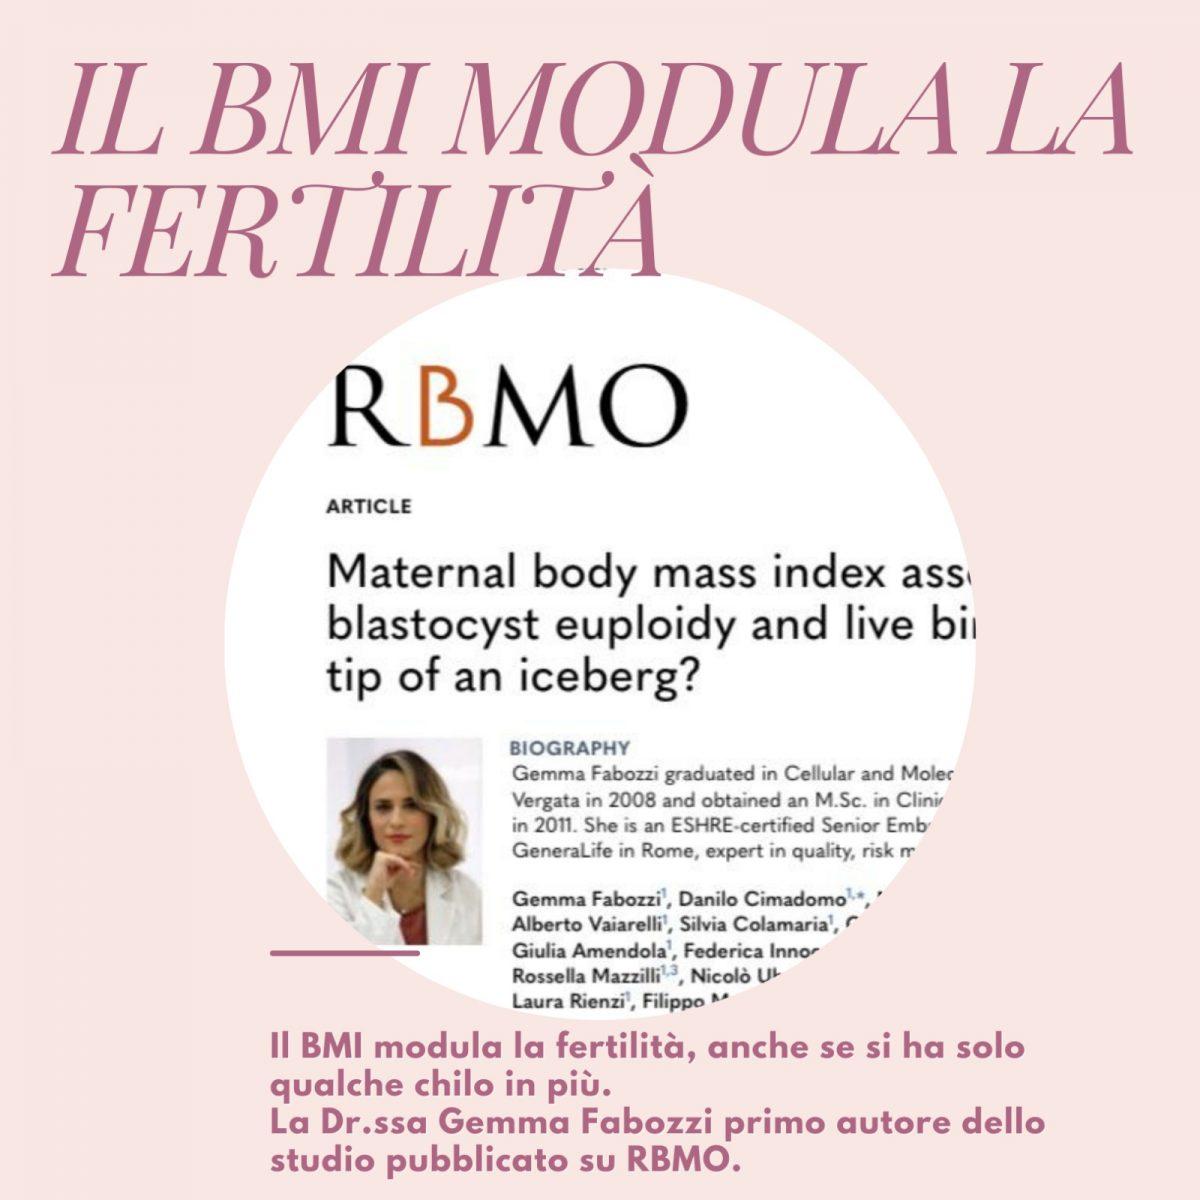 Il-BMI-modula-la-fertilità-anche-se-si-ha-solo-qualche-chilo-in-più.-La-Dr.ssa-Gemma-Fabozzi-primo-autore-dello-studio-pubblicato-su-RBMO-1200x1200.jpeg